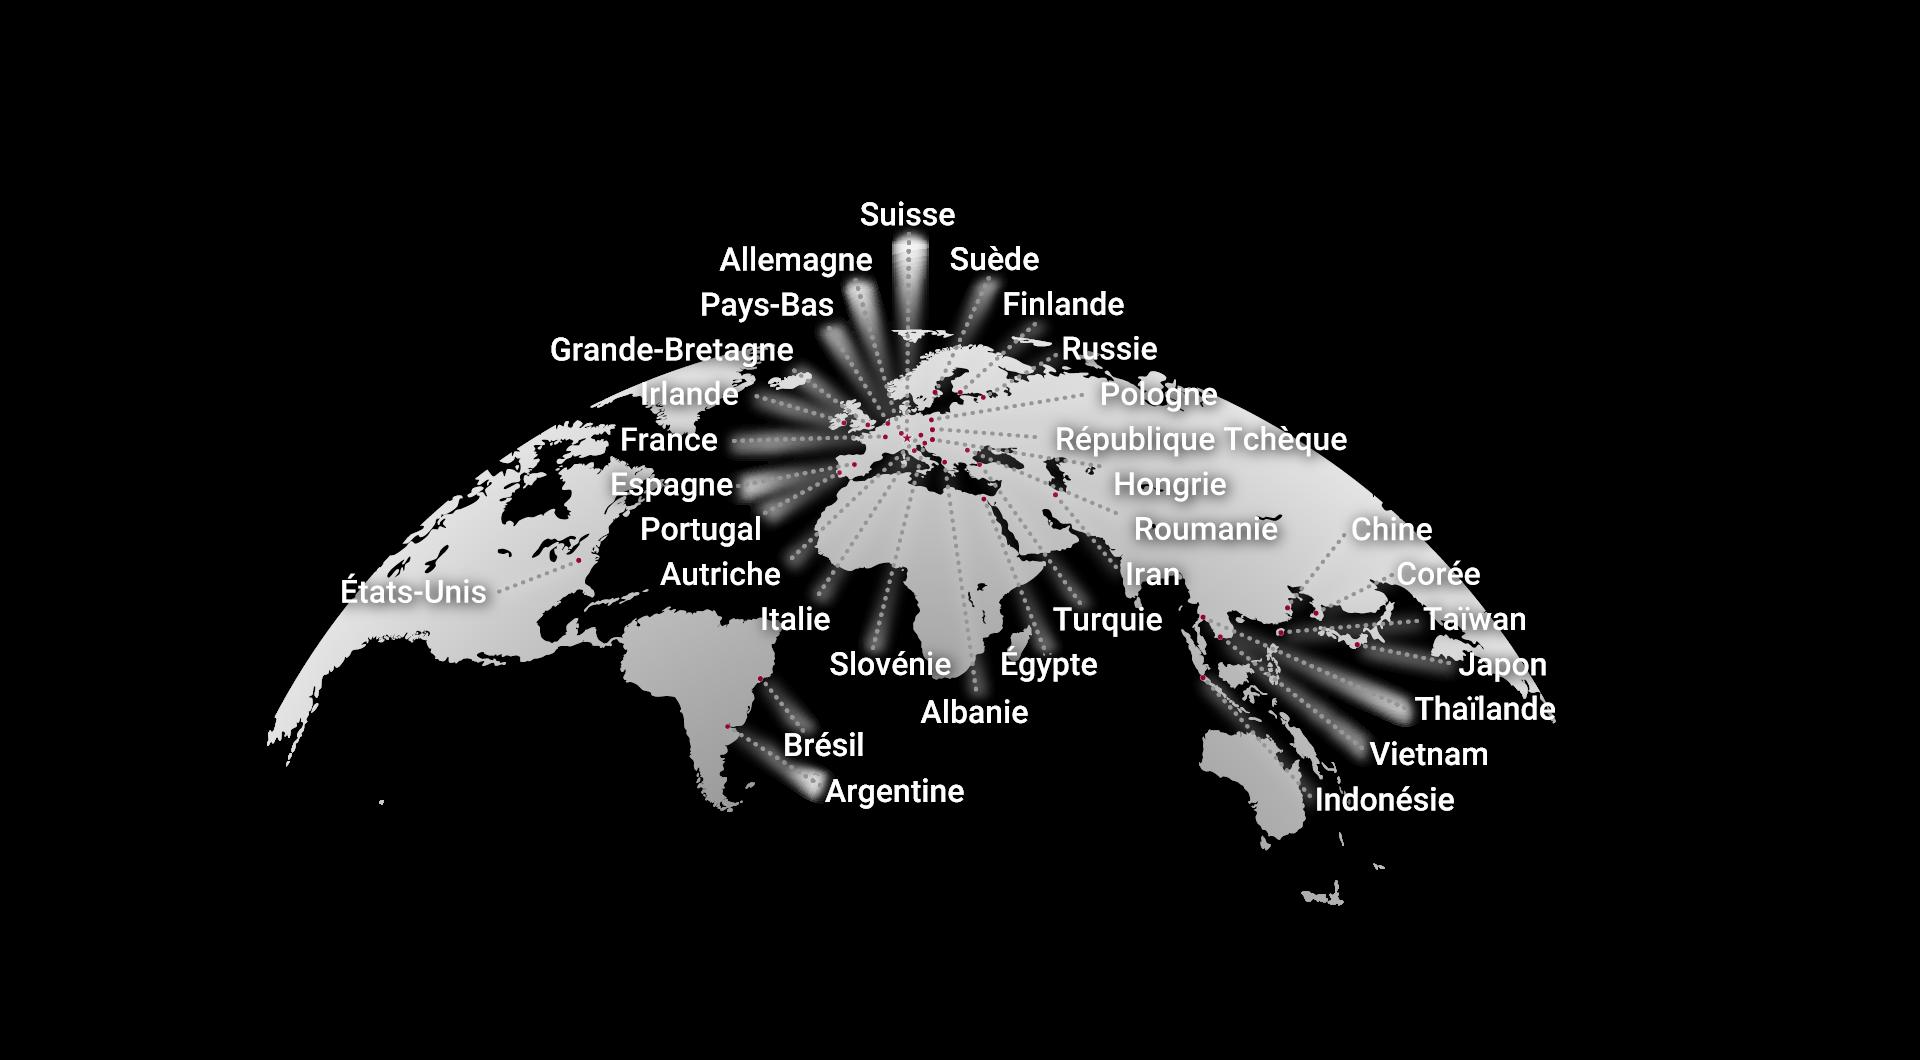 Le GroupeSTAR dans le monde